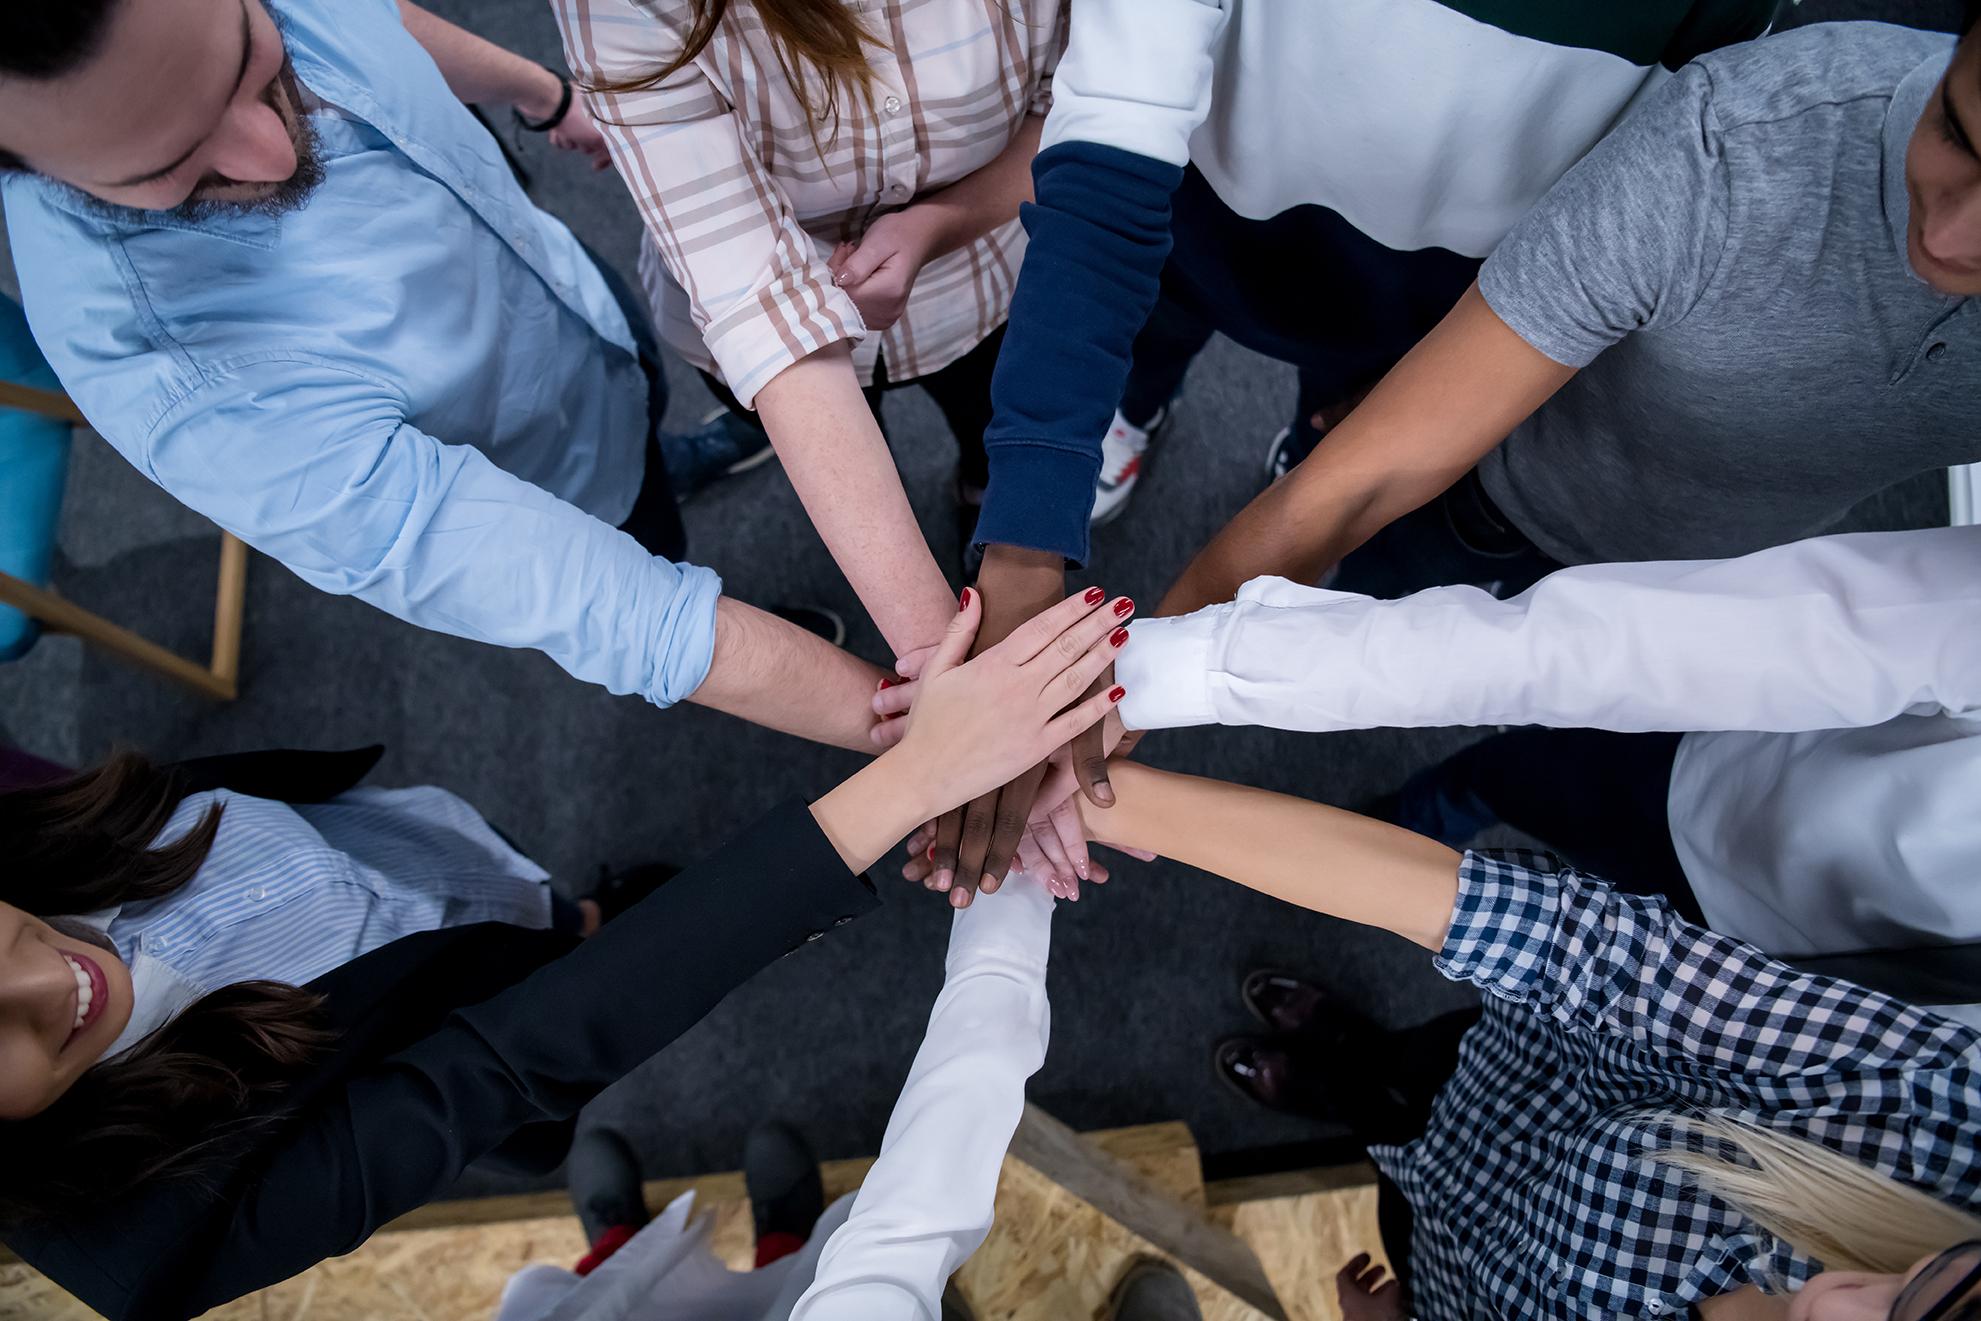 Monikulttuurinen ryhmä ihmisiä iloitsee saavutuksestaan töissä